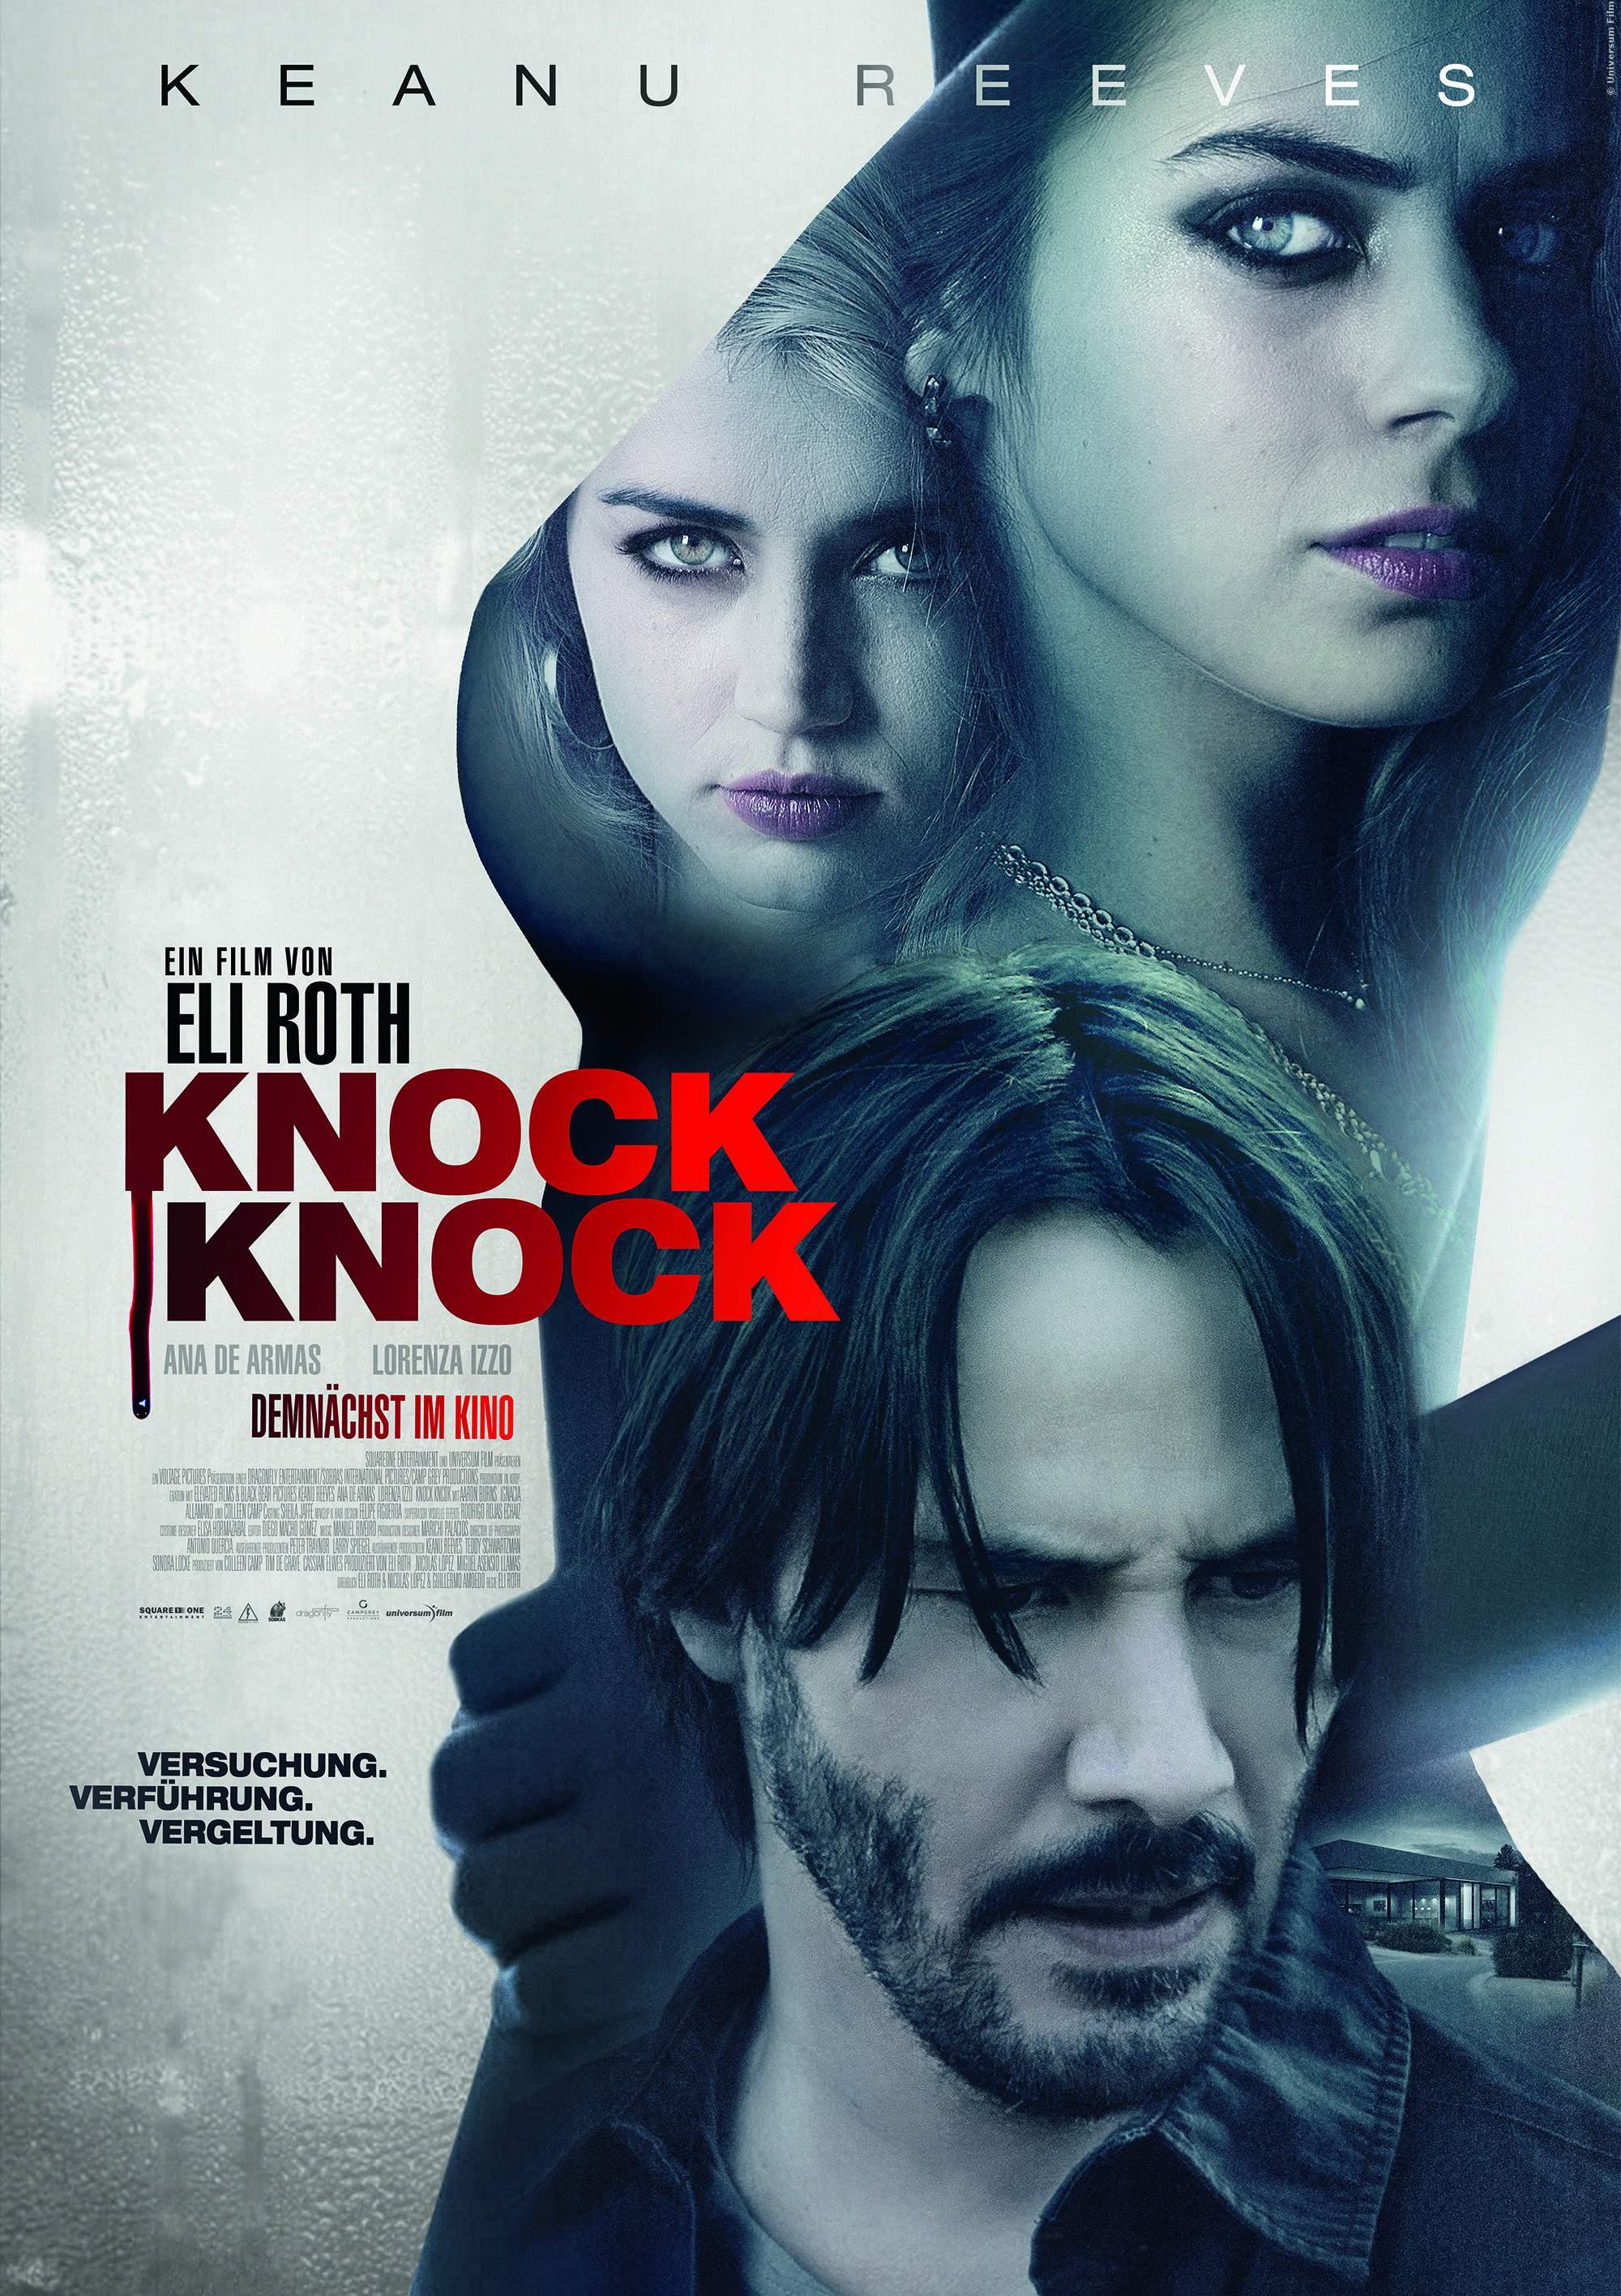 Knock Knock Trailer - Bild 1 von 6